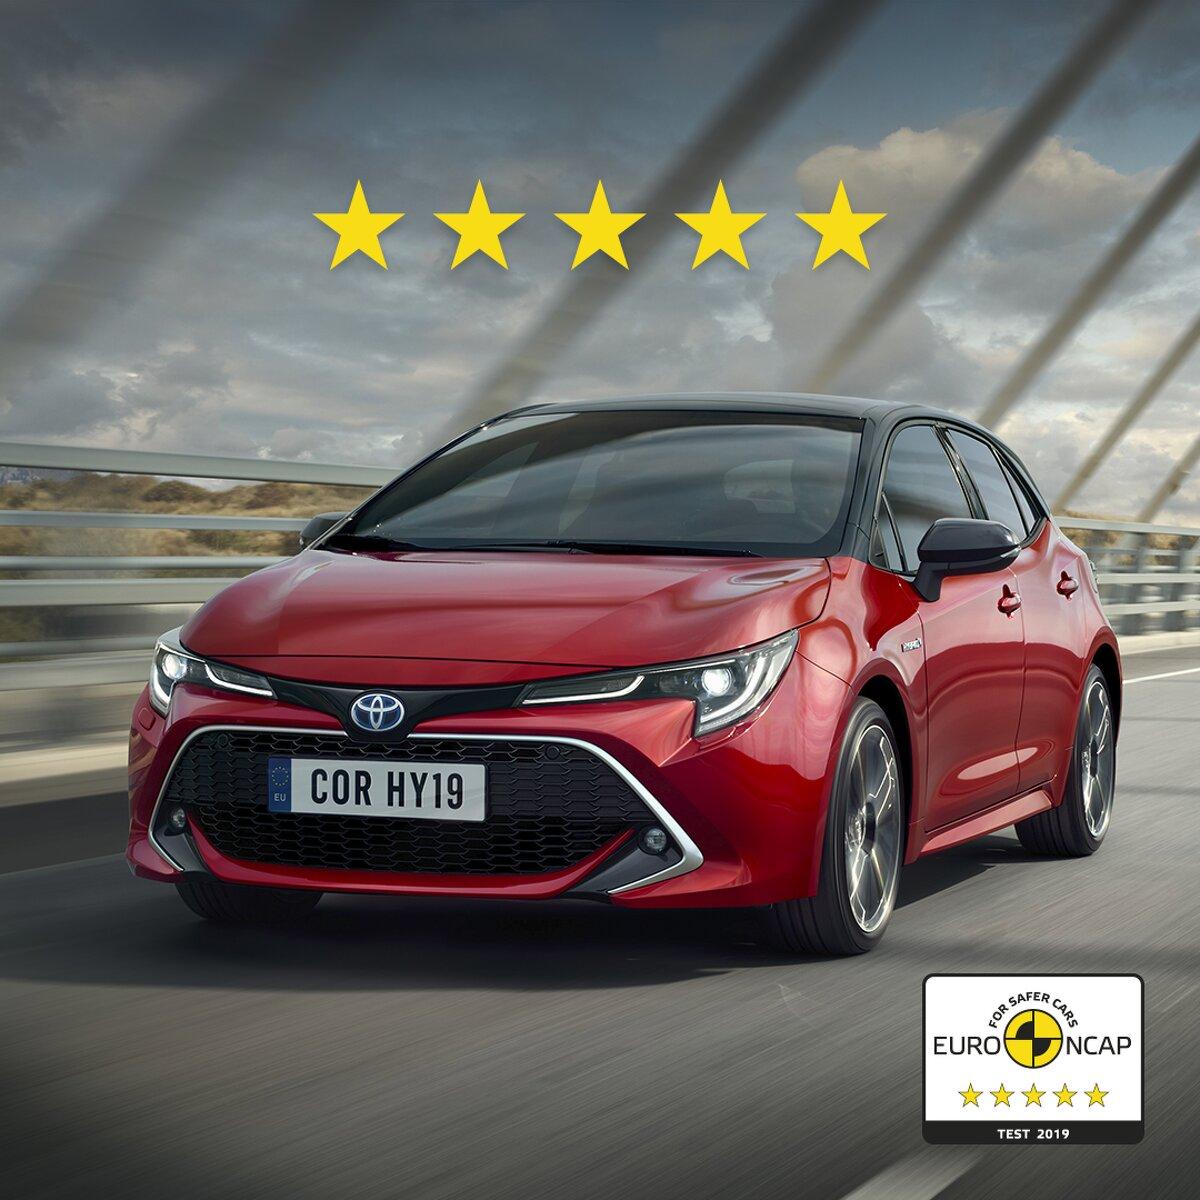 Toyota Corolla Bestwertung im Euro NCAP Crashtest